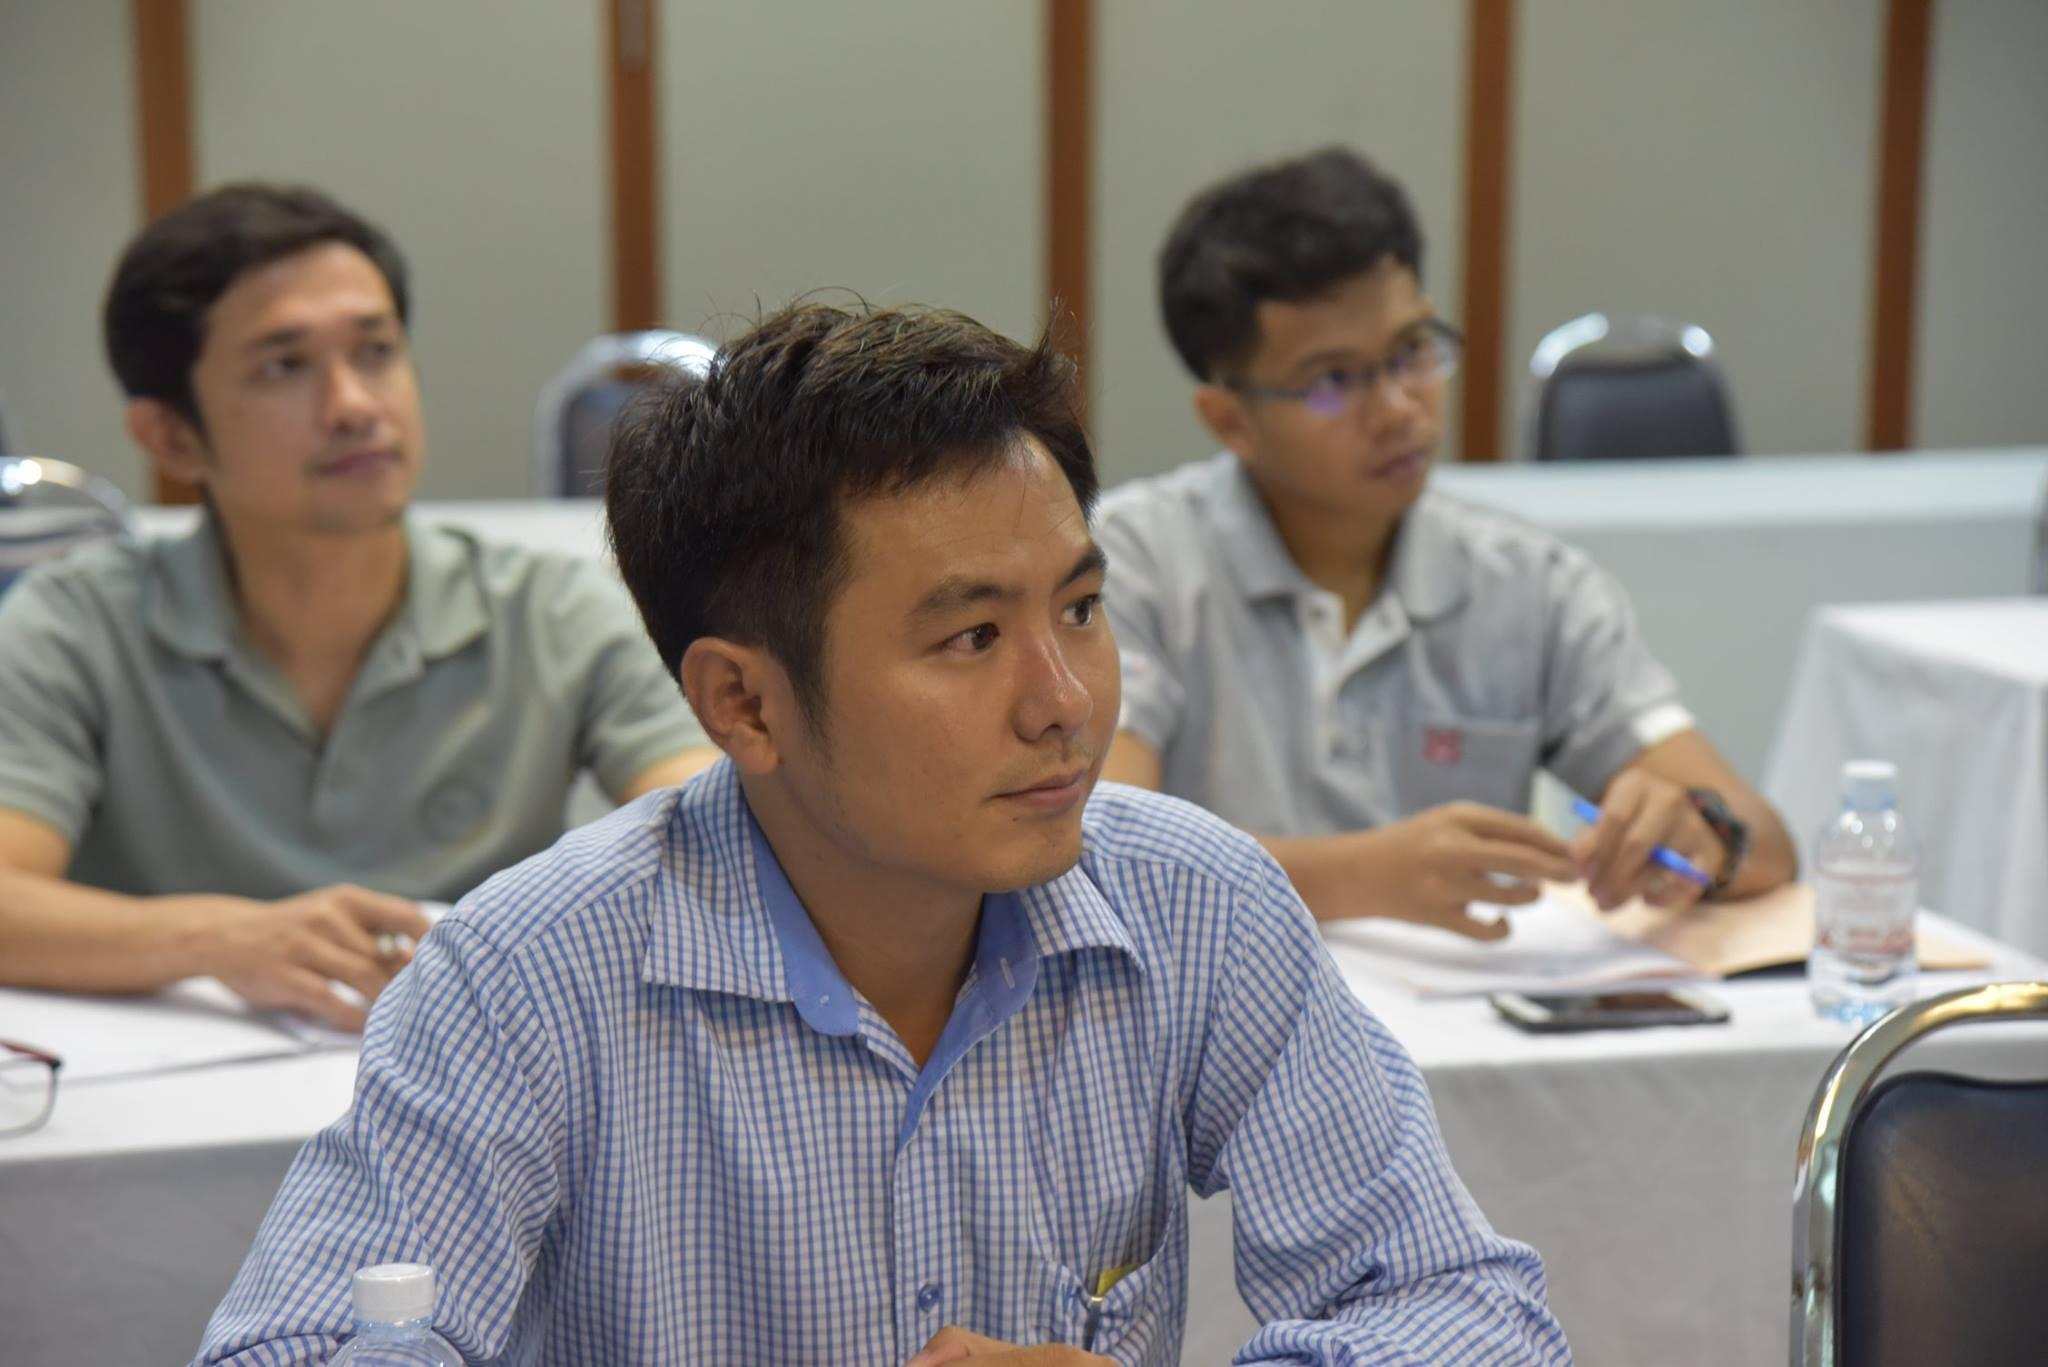 การอบรมหลักสูตรการจัดการต้นทุนอุตสาหกรรม (Industrial Cost Management ) วันที่ 21-22 มิถุนายน 2561